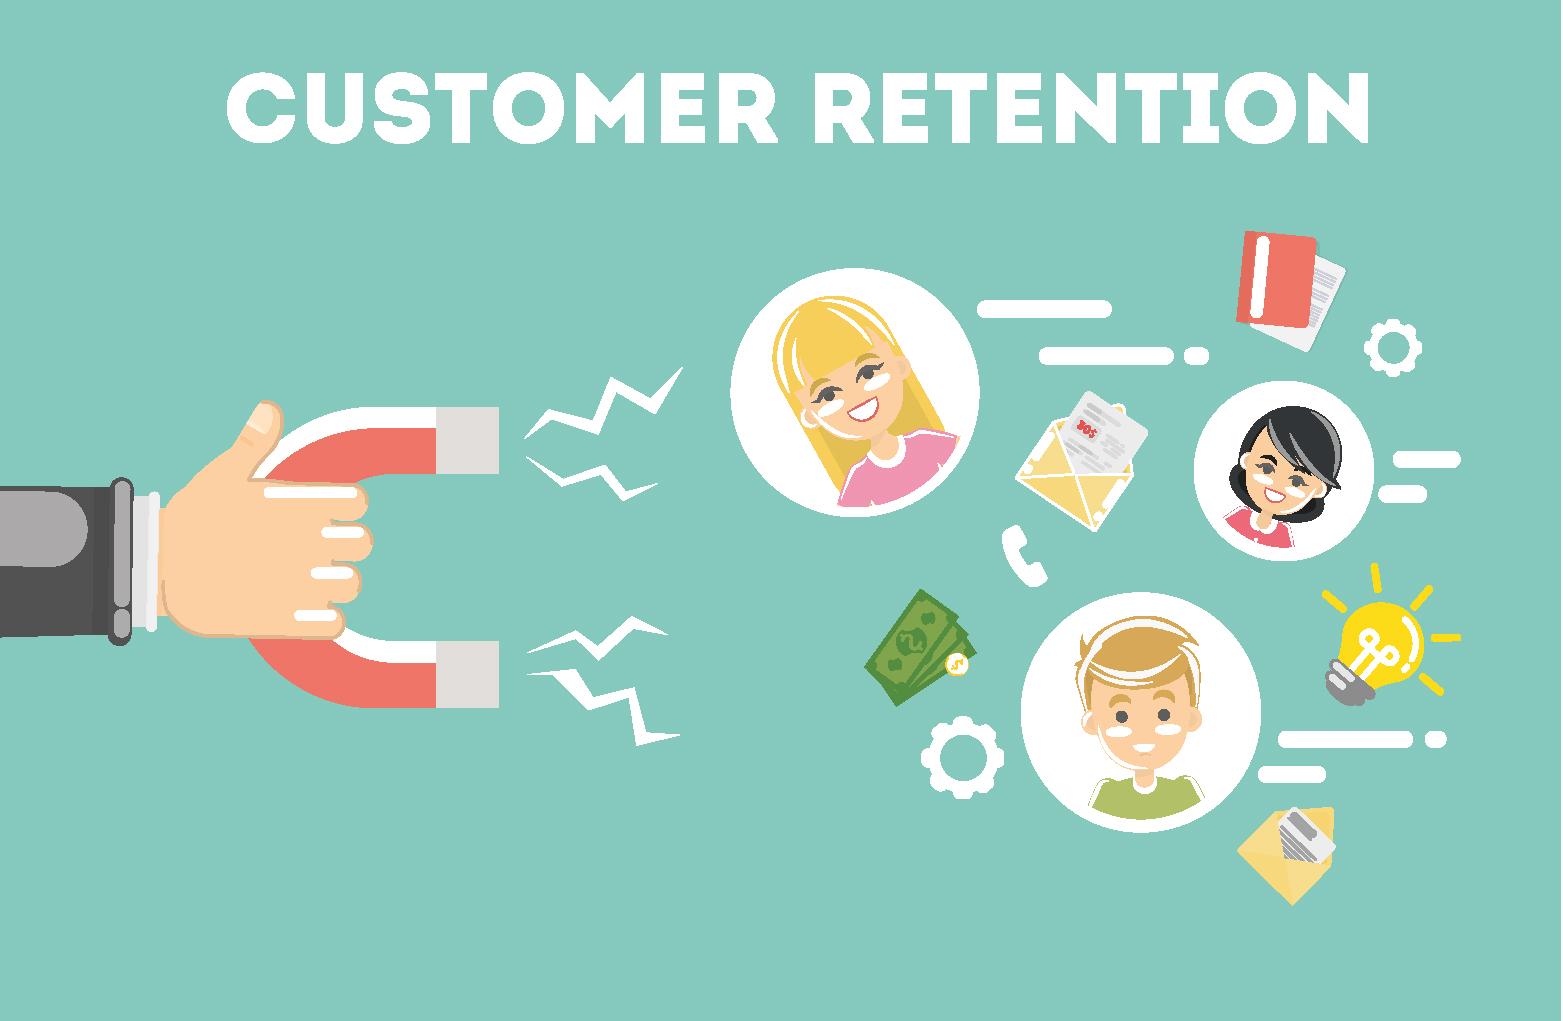 Métricas importantes para medir la retención de clientes